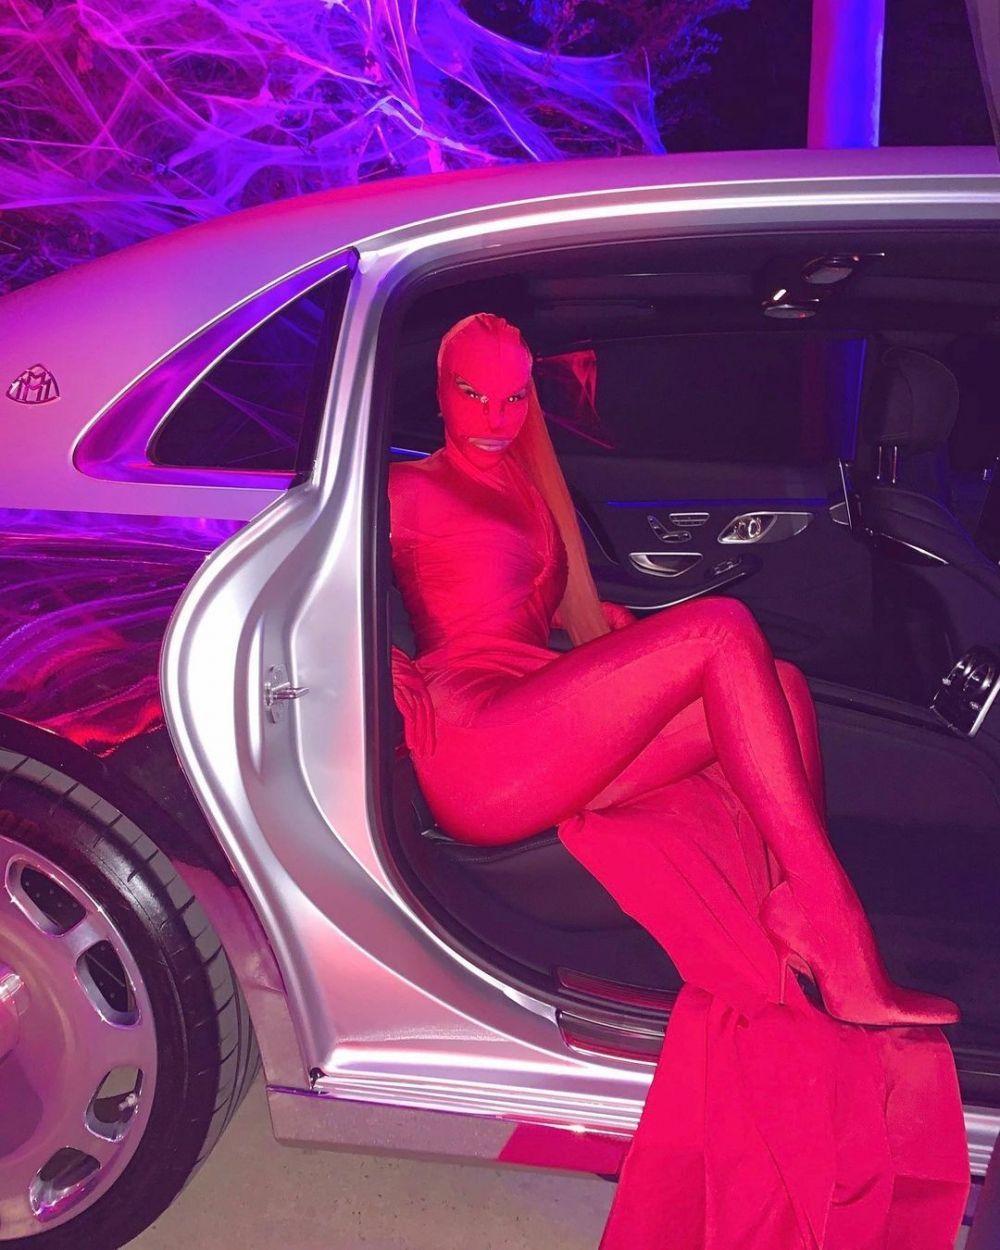 7 Gaya Kim Kardashian Pakai Baju Tertutup, Nggak Pamer Aurat